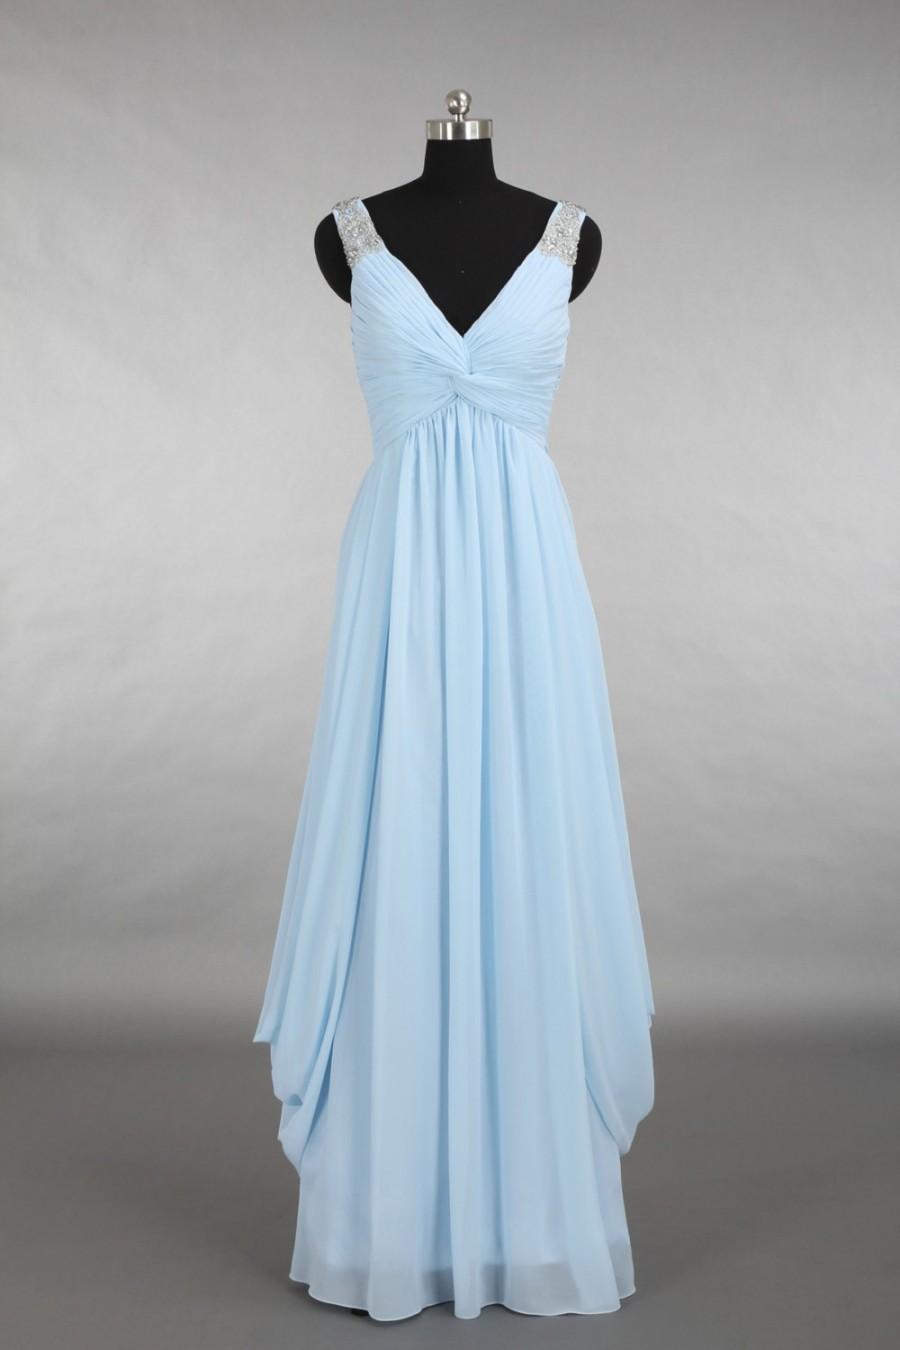 زفاف - Prom Dress 2015, V-neck Beading Floor-length Chiffon Prom Dress 2015